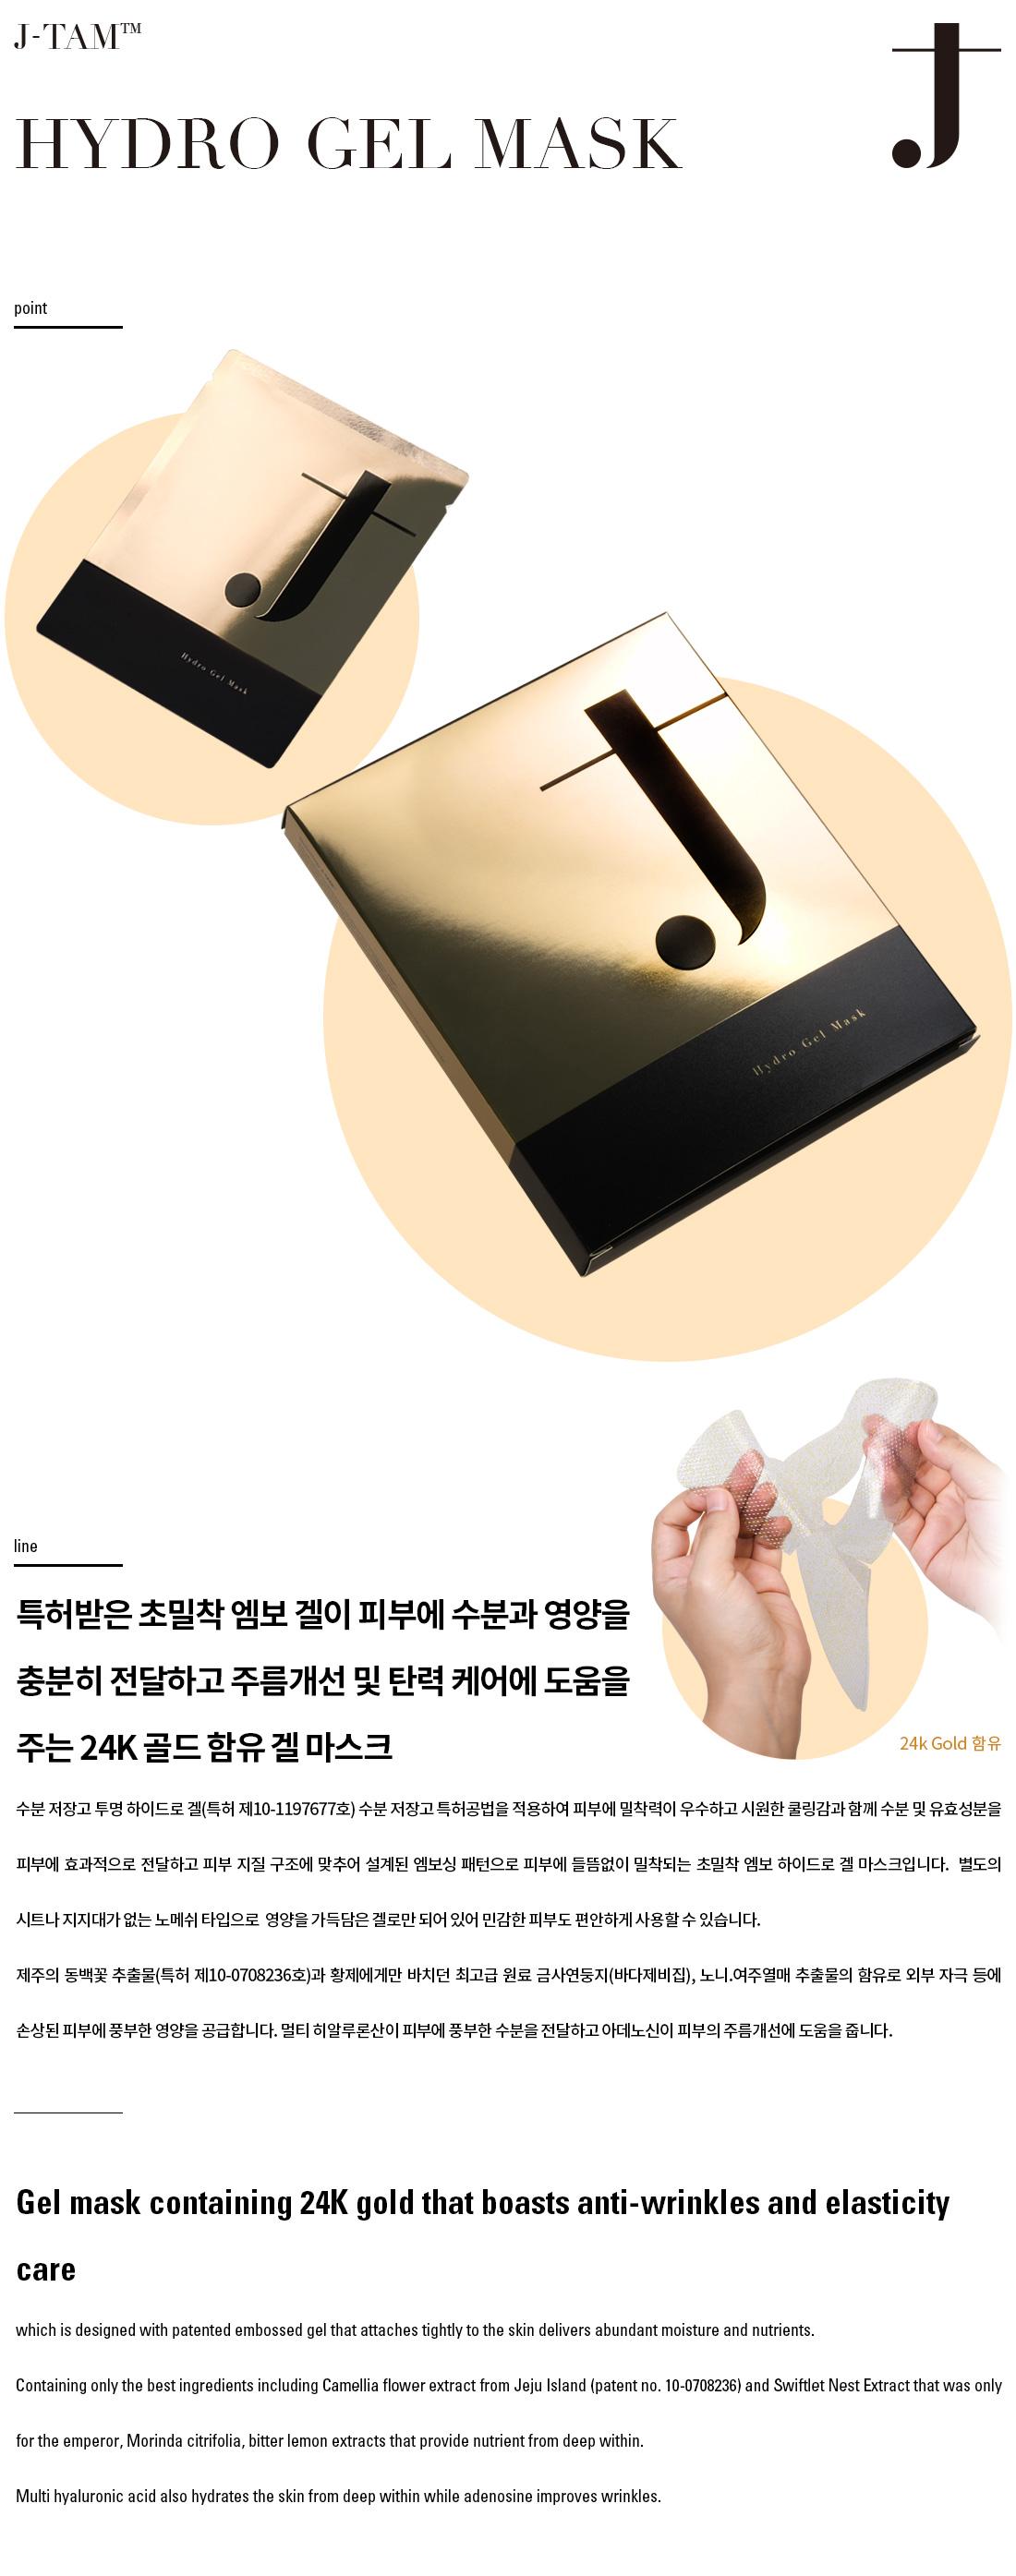 [엠도씨] 제이탐 하이드로 겔 마스크